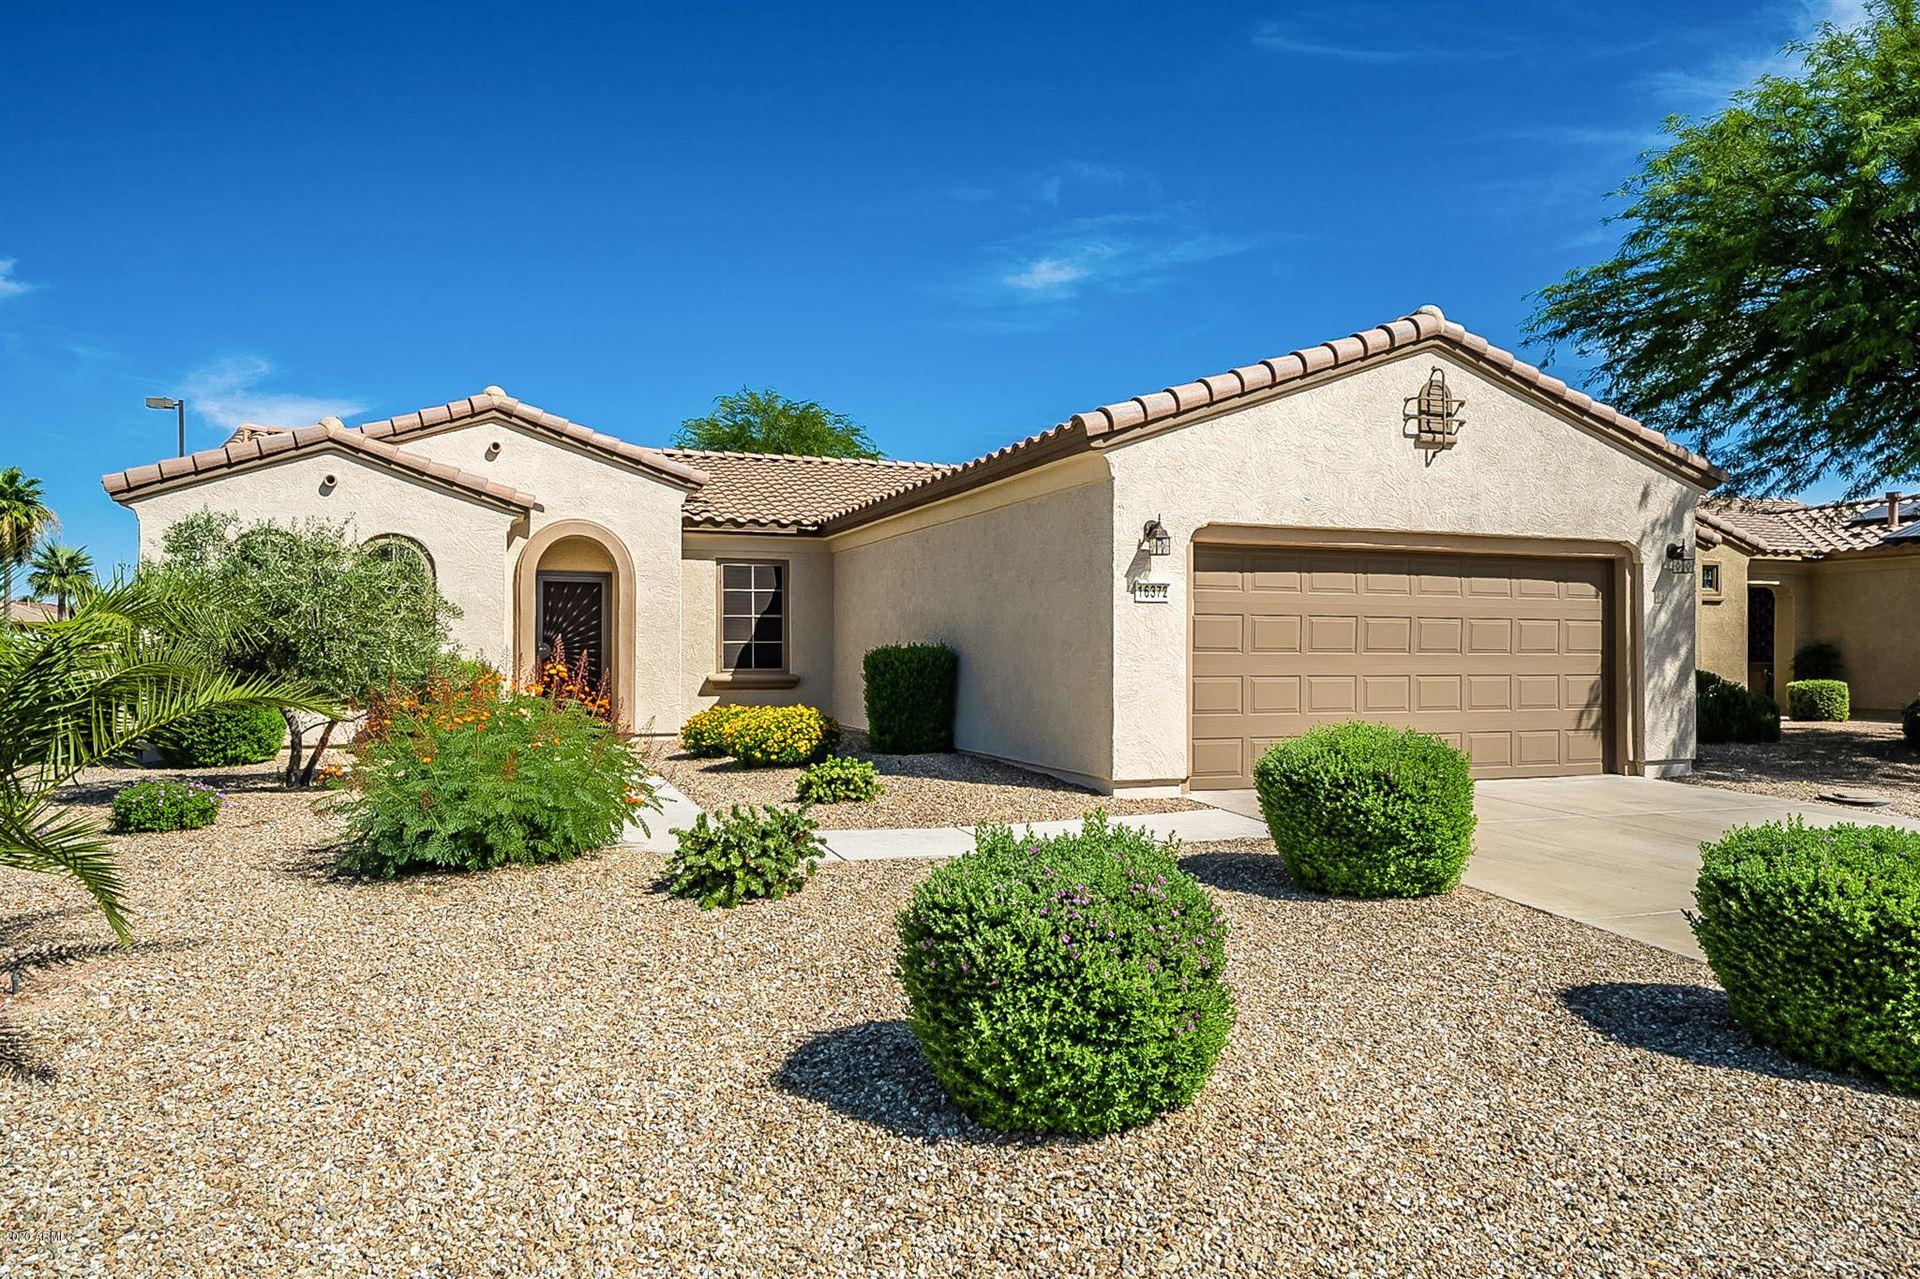 16372 W KEARNEY Lane, Surprise, AZ 85387 - MLS#: 6094678